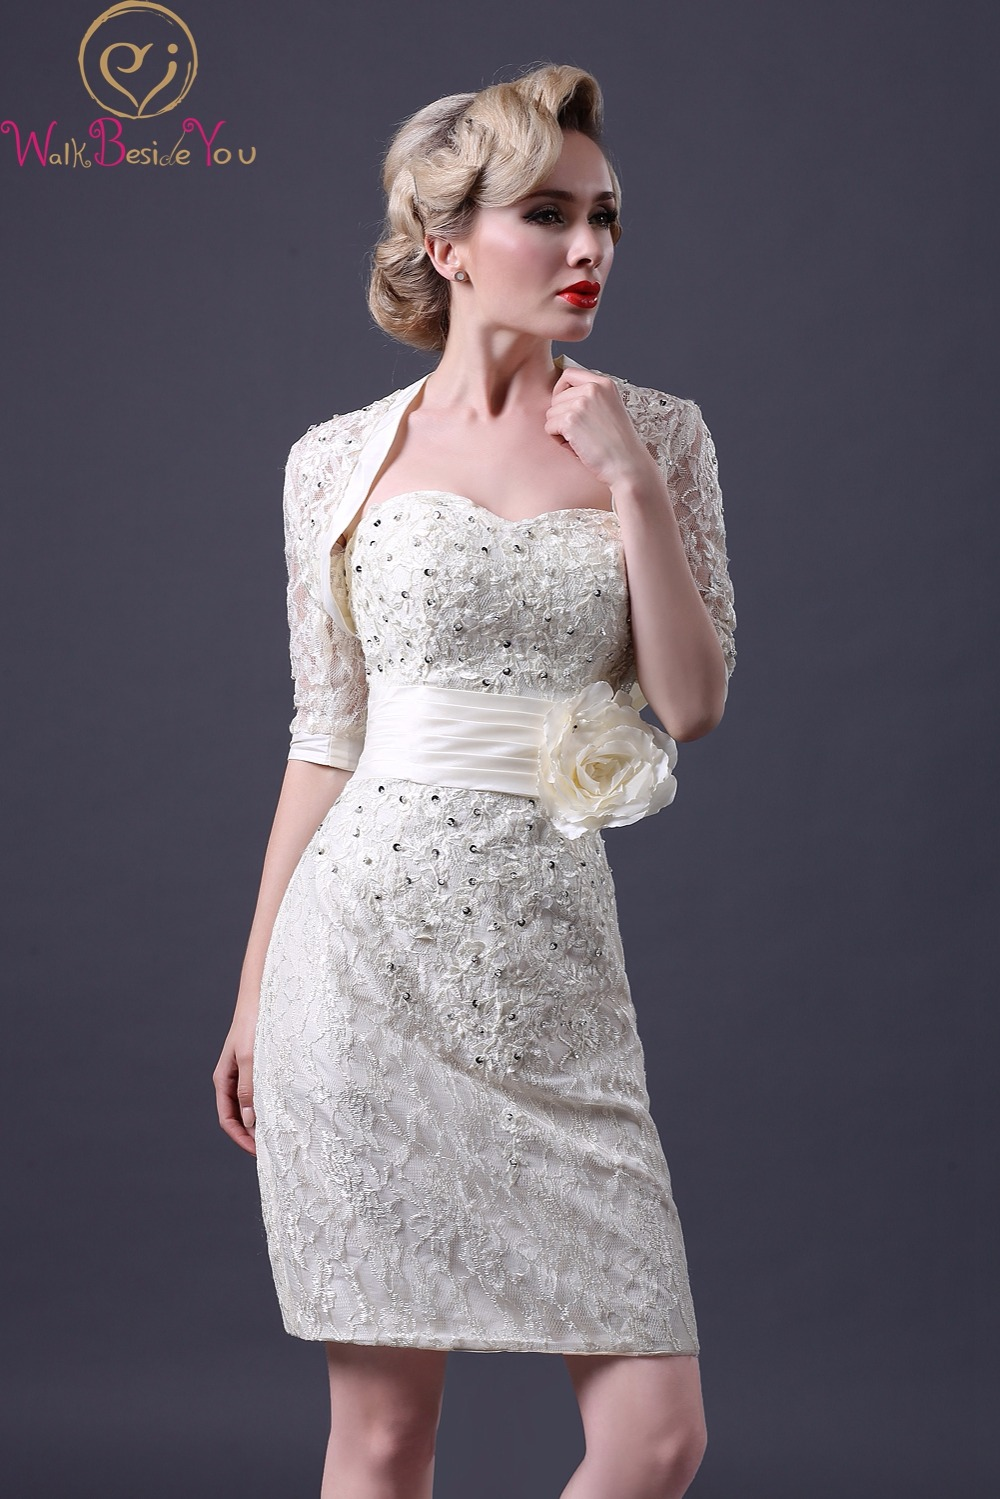 Atemberaubend Hässliche Kleid Partei Fotos - Brautkleider Ideen ...